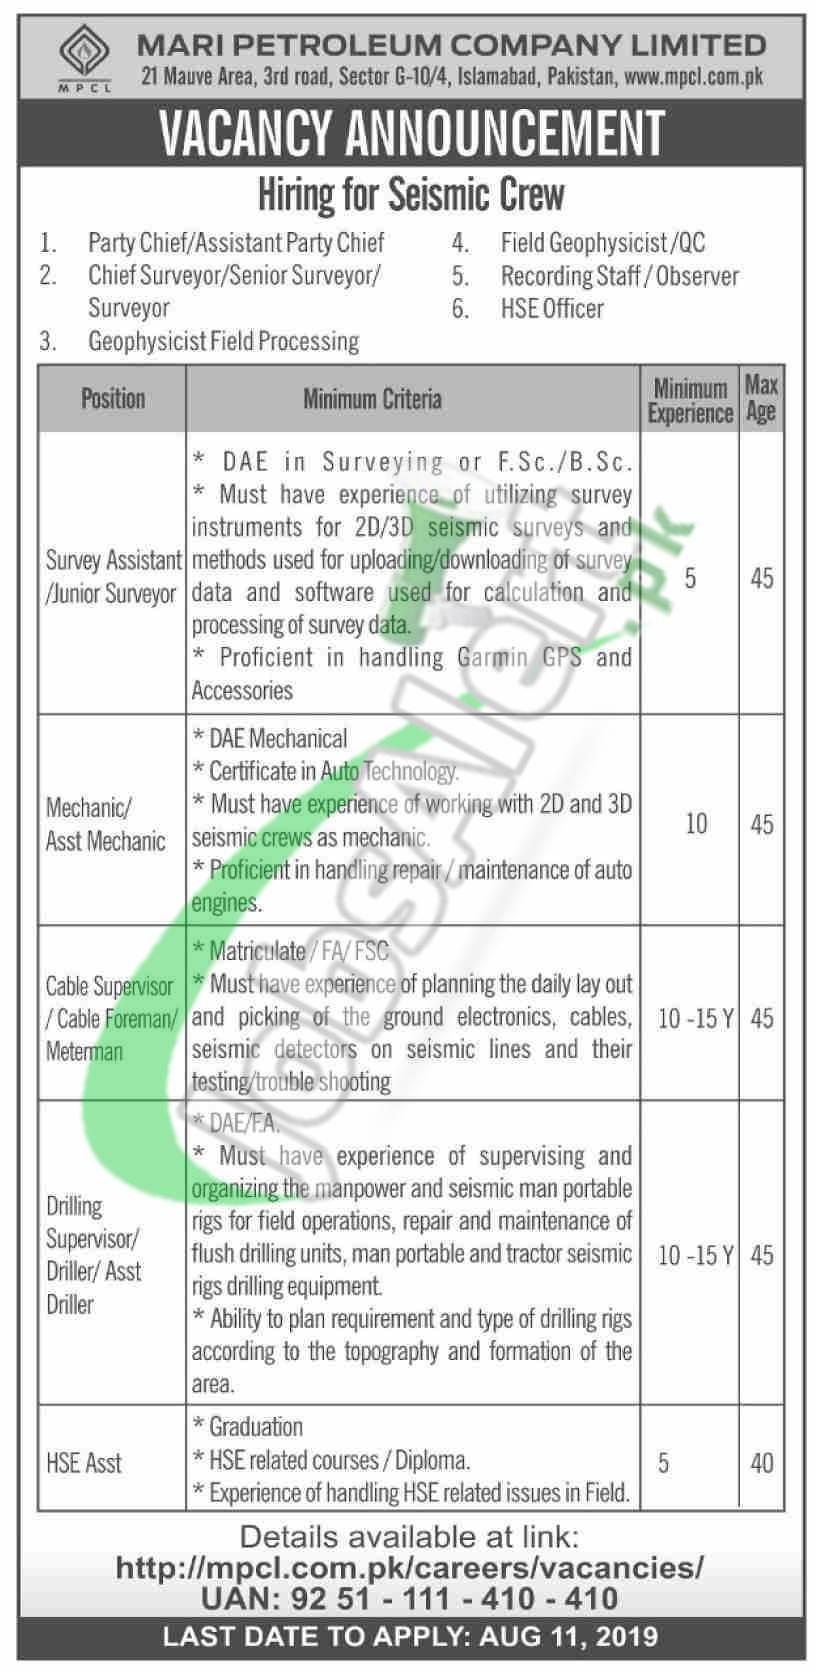 Mari Petroleum Company Limited Jobs 2019